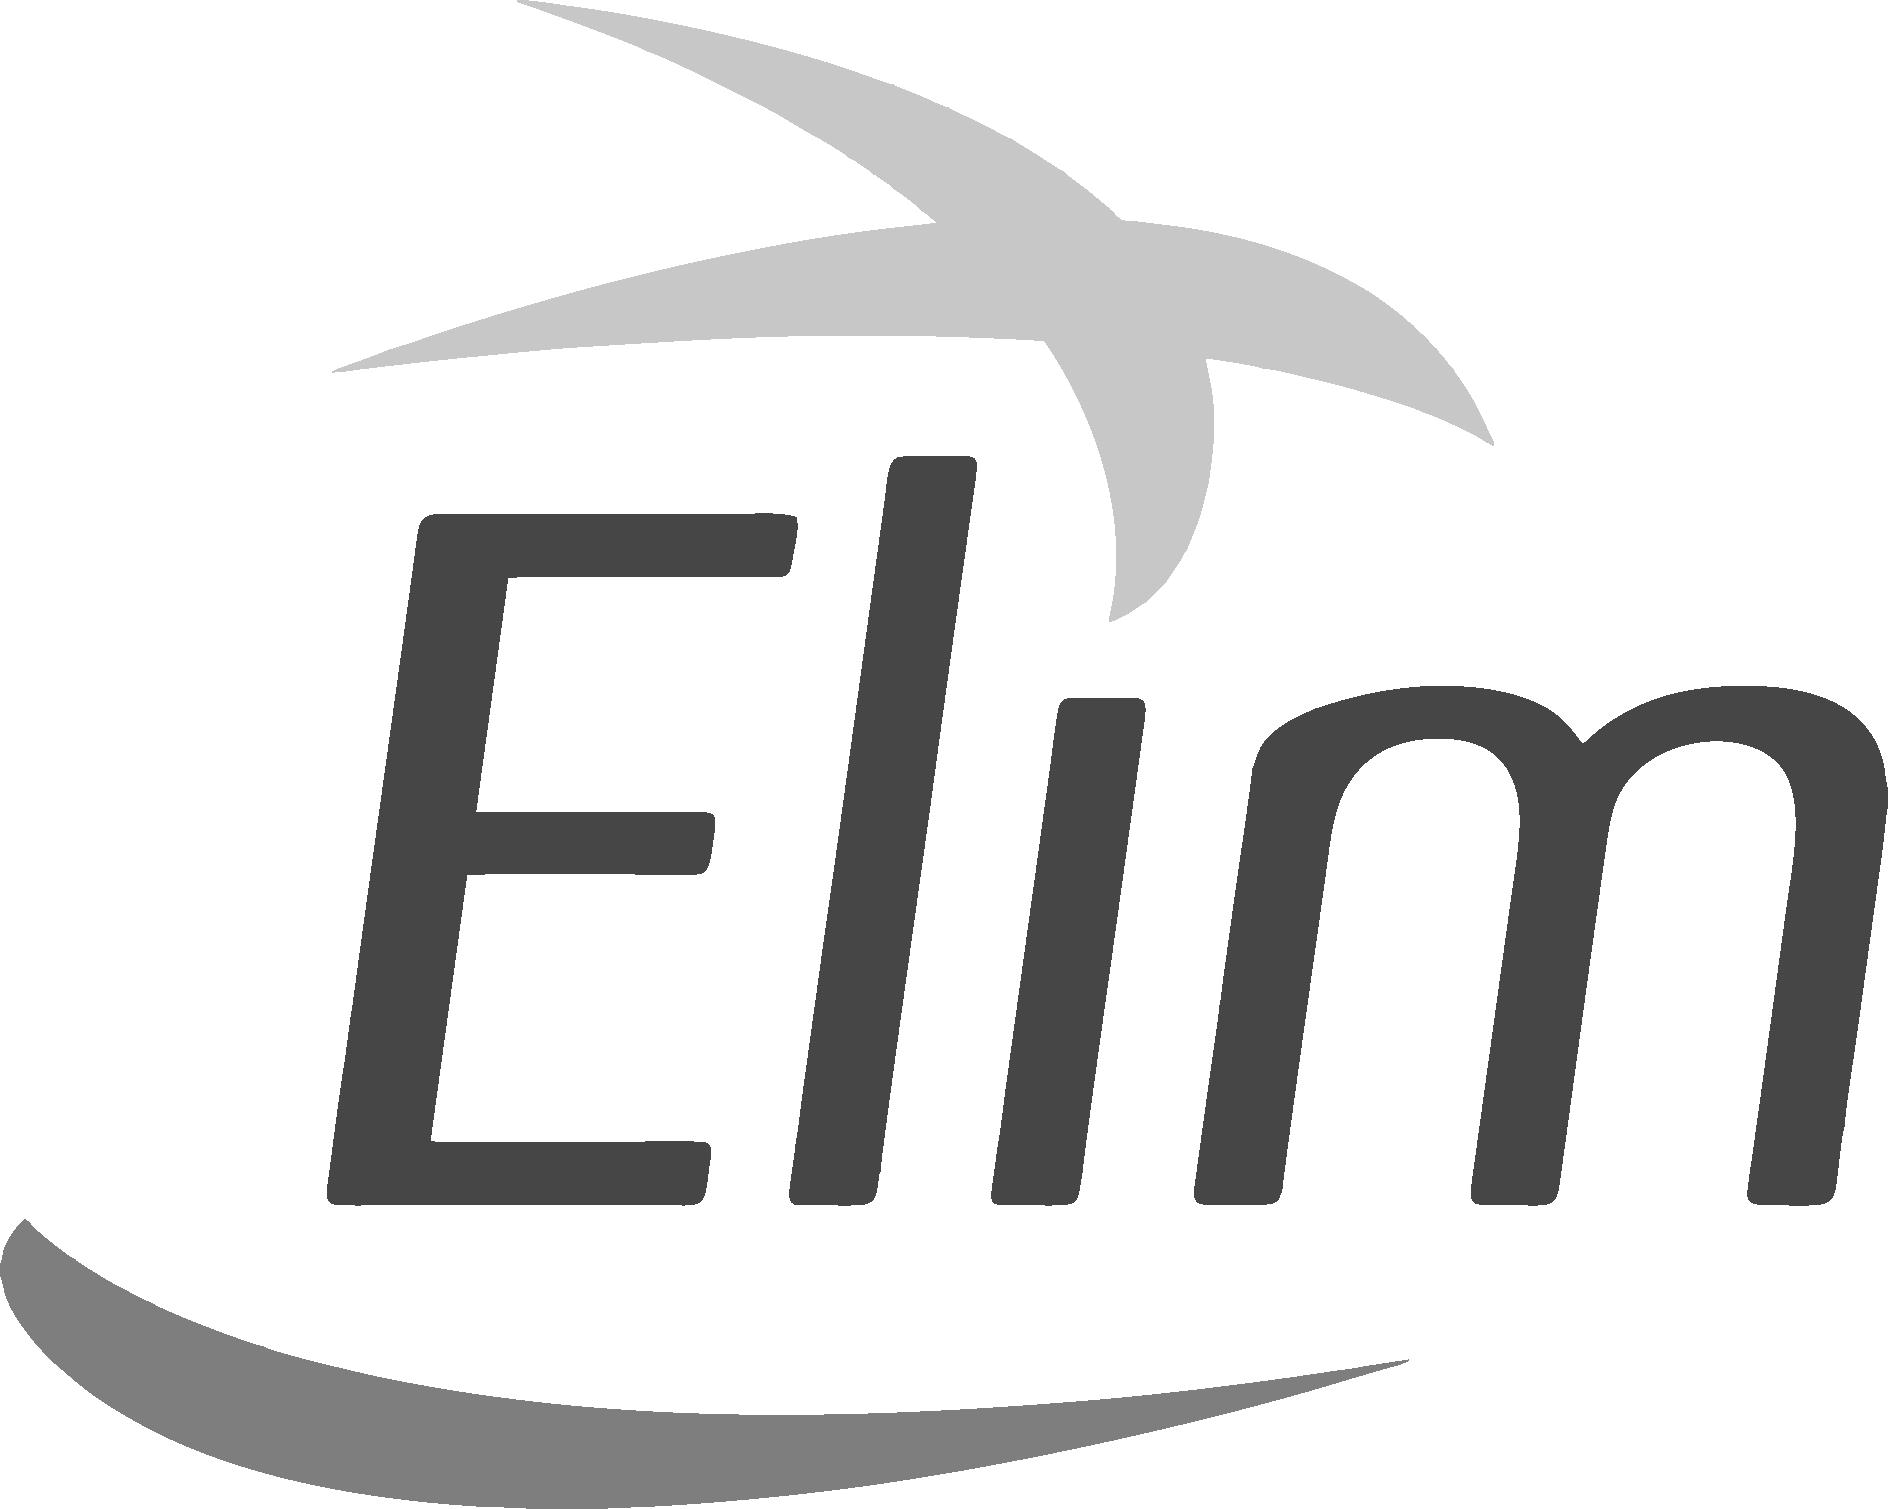 logo elim.png